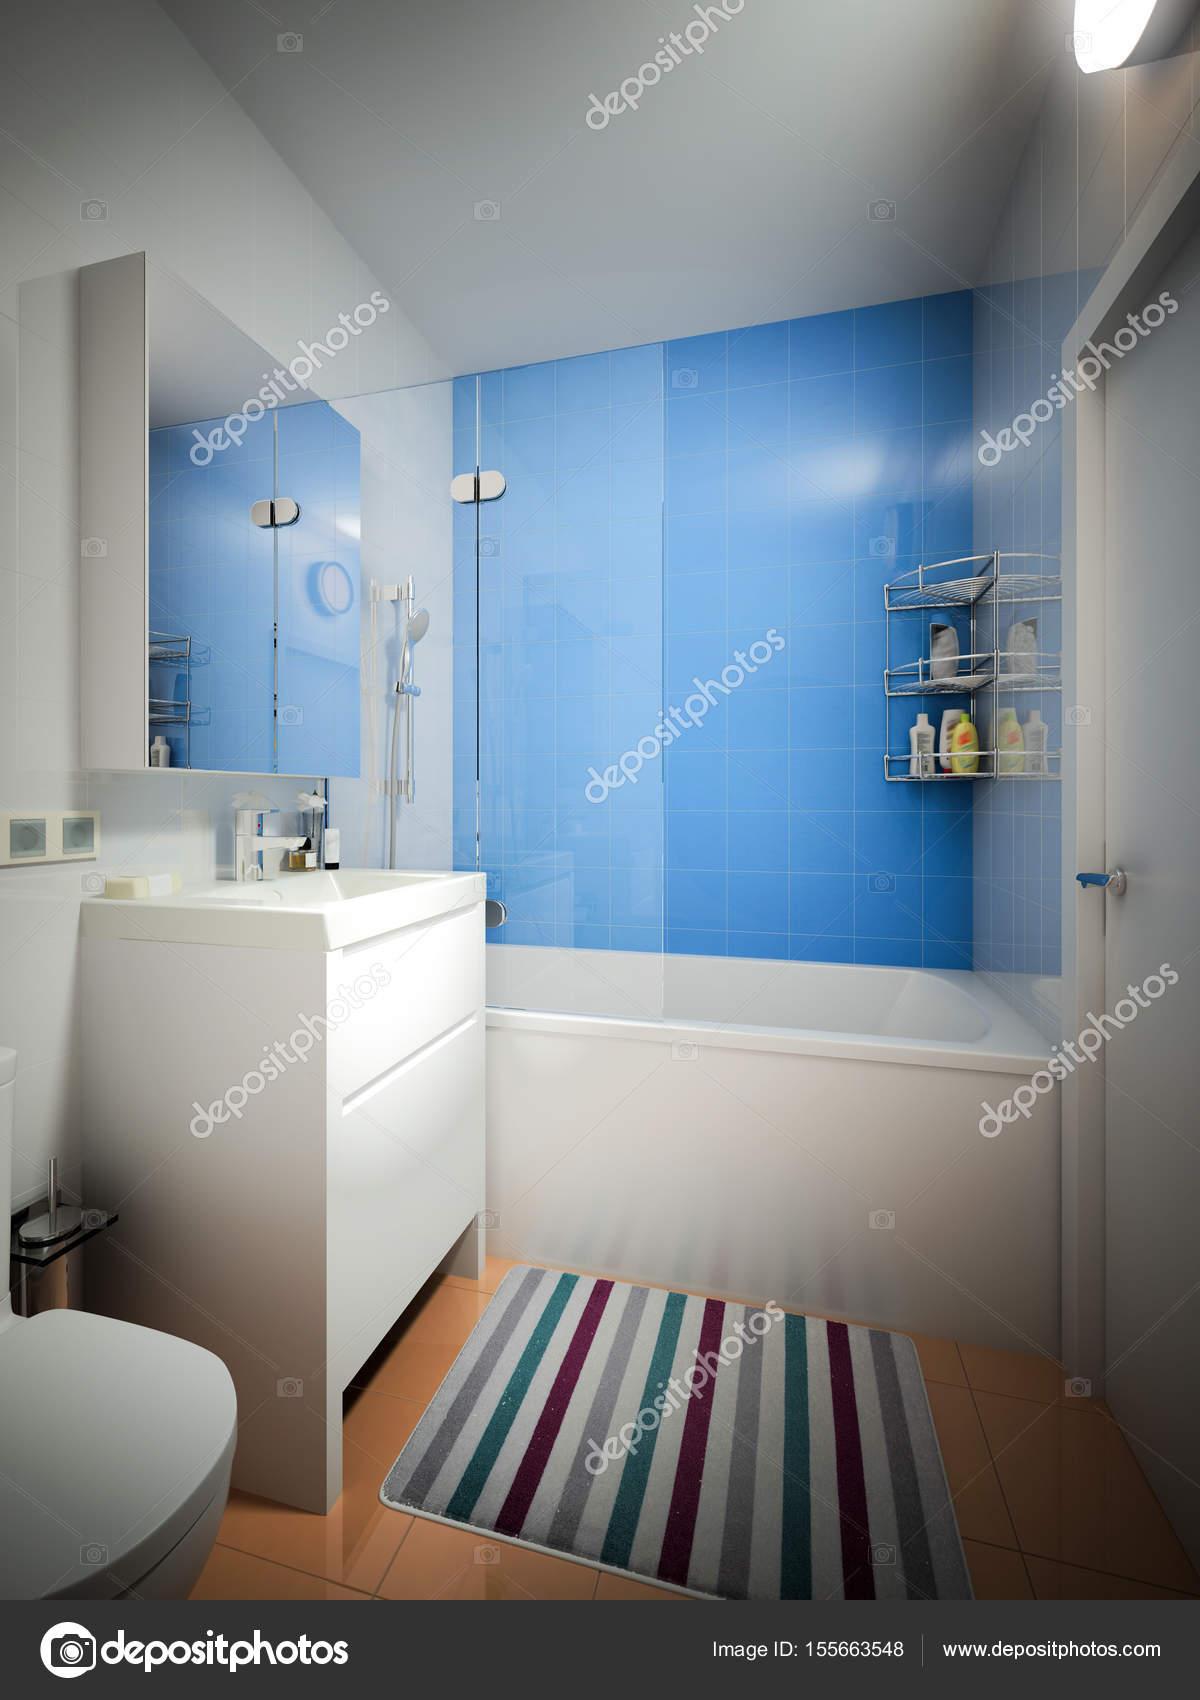 Salle de bains contemporaine urbaine moderne Wc intérieur ...